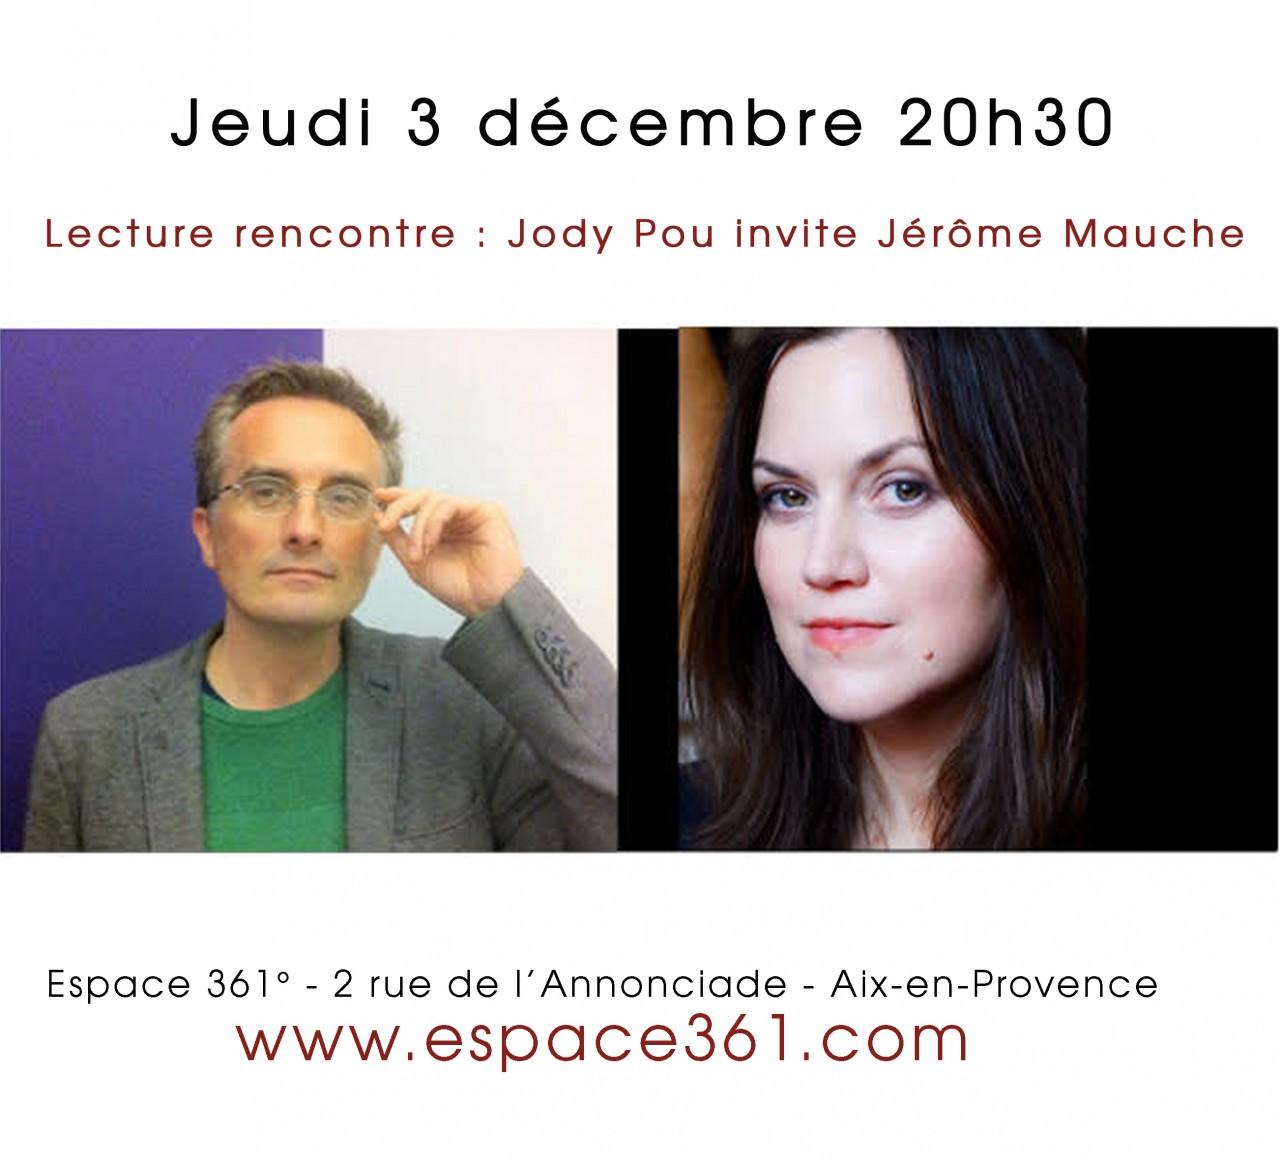 Affiche Lecture 3 décembre